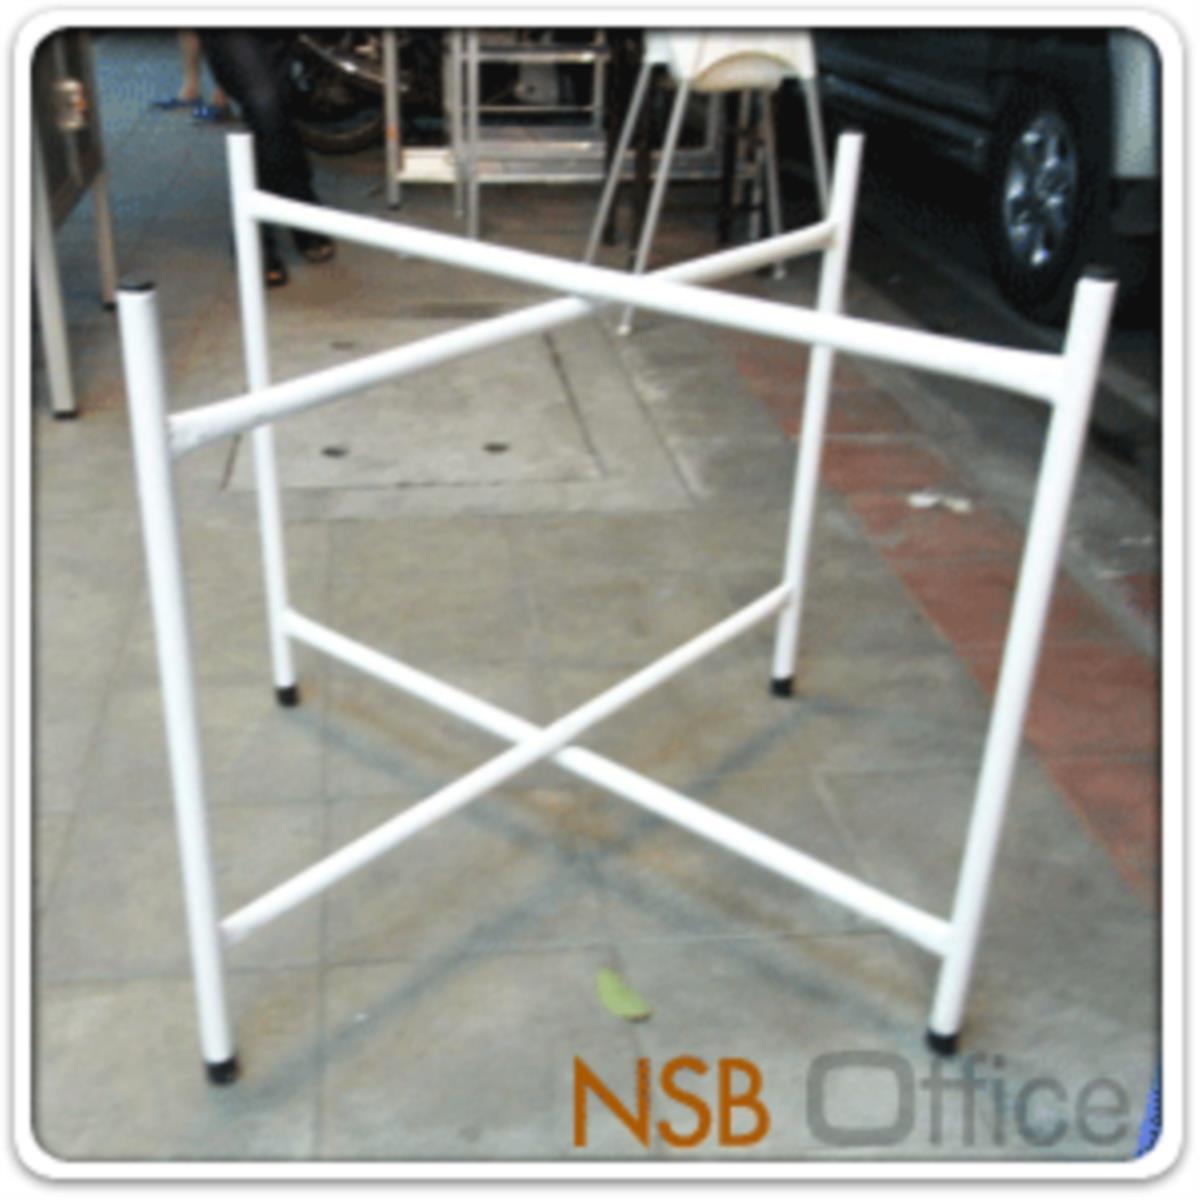 โต๊ะพับจีนหน้าพลาสติก  ขนาด 120Di cm.  โครงขาเหล็กพ่นขาว